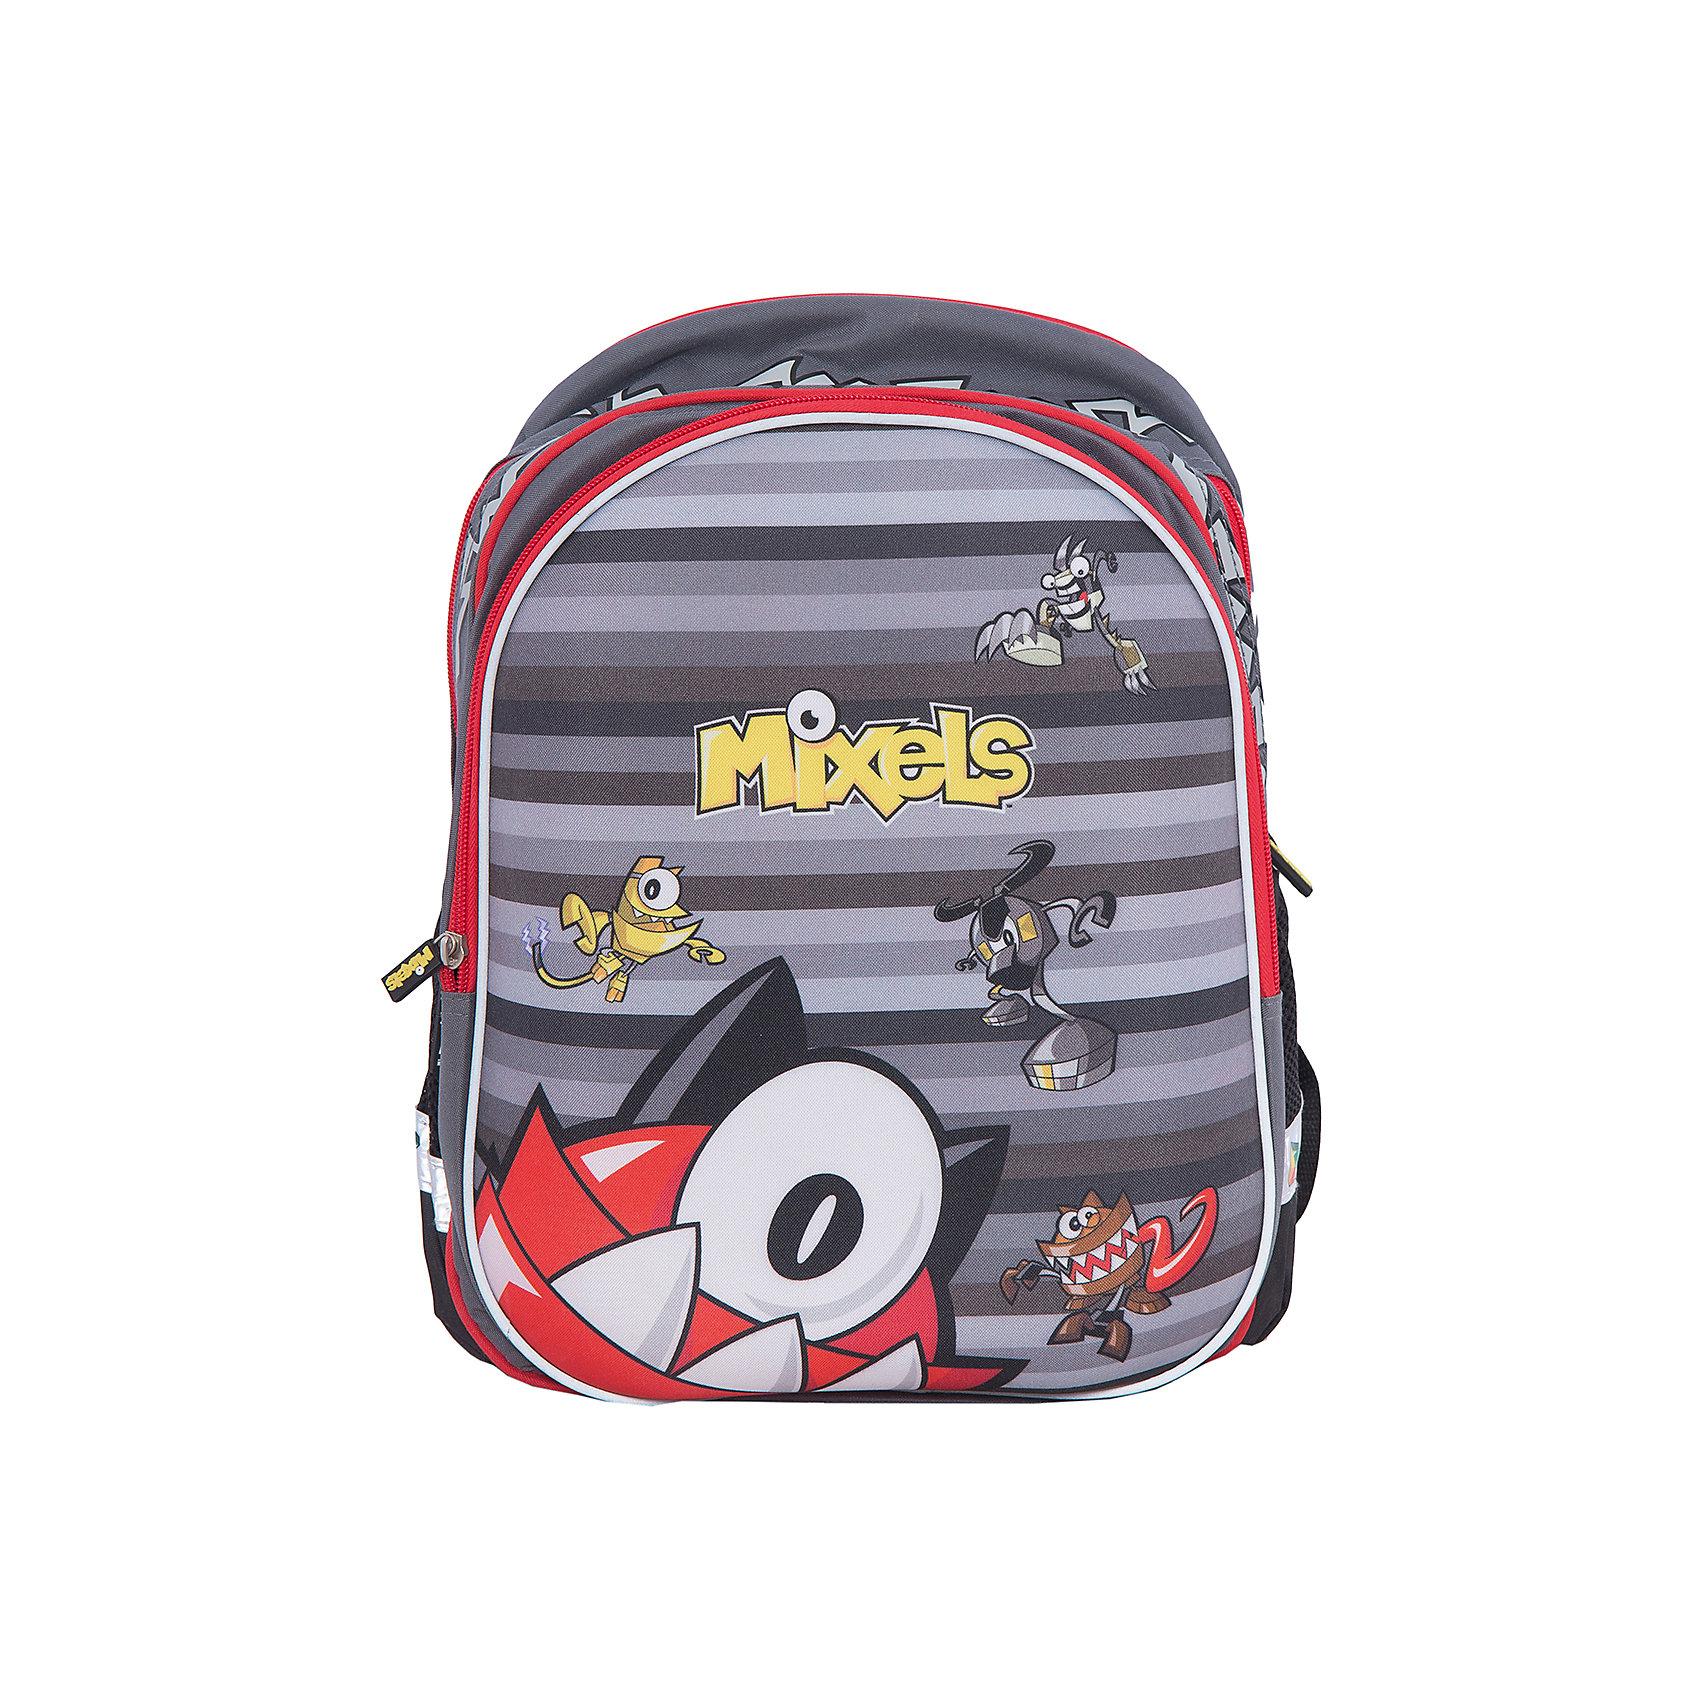 Школьный ранец Super bagРанец Super bag – это удобная форма, практичность, отличное качество и оптимальный вес.<br>Ранец Super bag – это удобный, вместительный, надежный и функциональный ранец. В этой модели реализованы все требования позволяющие, носить ранец с удобством и максимальным комфортом. Жесткий корпус, ортопедическая спинка помогают равномерно распределить вес ранца. Широкие уплотненные регулируемые лямки позволяют адаптировать ранец к изменению роста ребенка. Ранец имеет два больших отделения на молнии, внутреннее отделение для тетрадей, два боковых кармана для бутылочки и зонтика. Бегунки застежек-молний украшены брелоками. Предусмотрена удобная ручка для переноски ранца. Светоотражающие полосы сделают ребенка заметным на проезжей части в темное время суток и в сумерках.<br><br>Дополнительная информация:<br><br>- Размер упаковки: 30х39х20 см.<br>- Вес в упаковки: 900 гр.<br><br>Ранец Super bag можно купить в нашем интернет-магазине.<br><br>Ширина мм: 300<br>Глубина мм: 390<br>Высота мм: 200<br>Вес г: 900<br>Возраст от месяцев: 48<br>Возраст до месяцев: 96<br>Пол: Унисекс<br>Возраст: Детский<br>SKU: 4700030